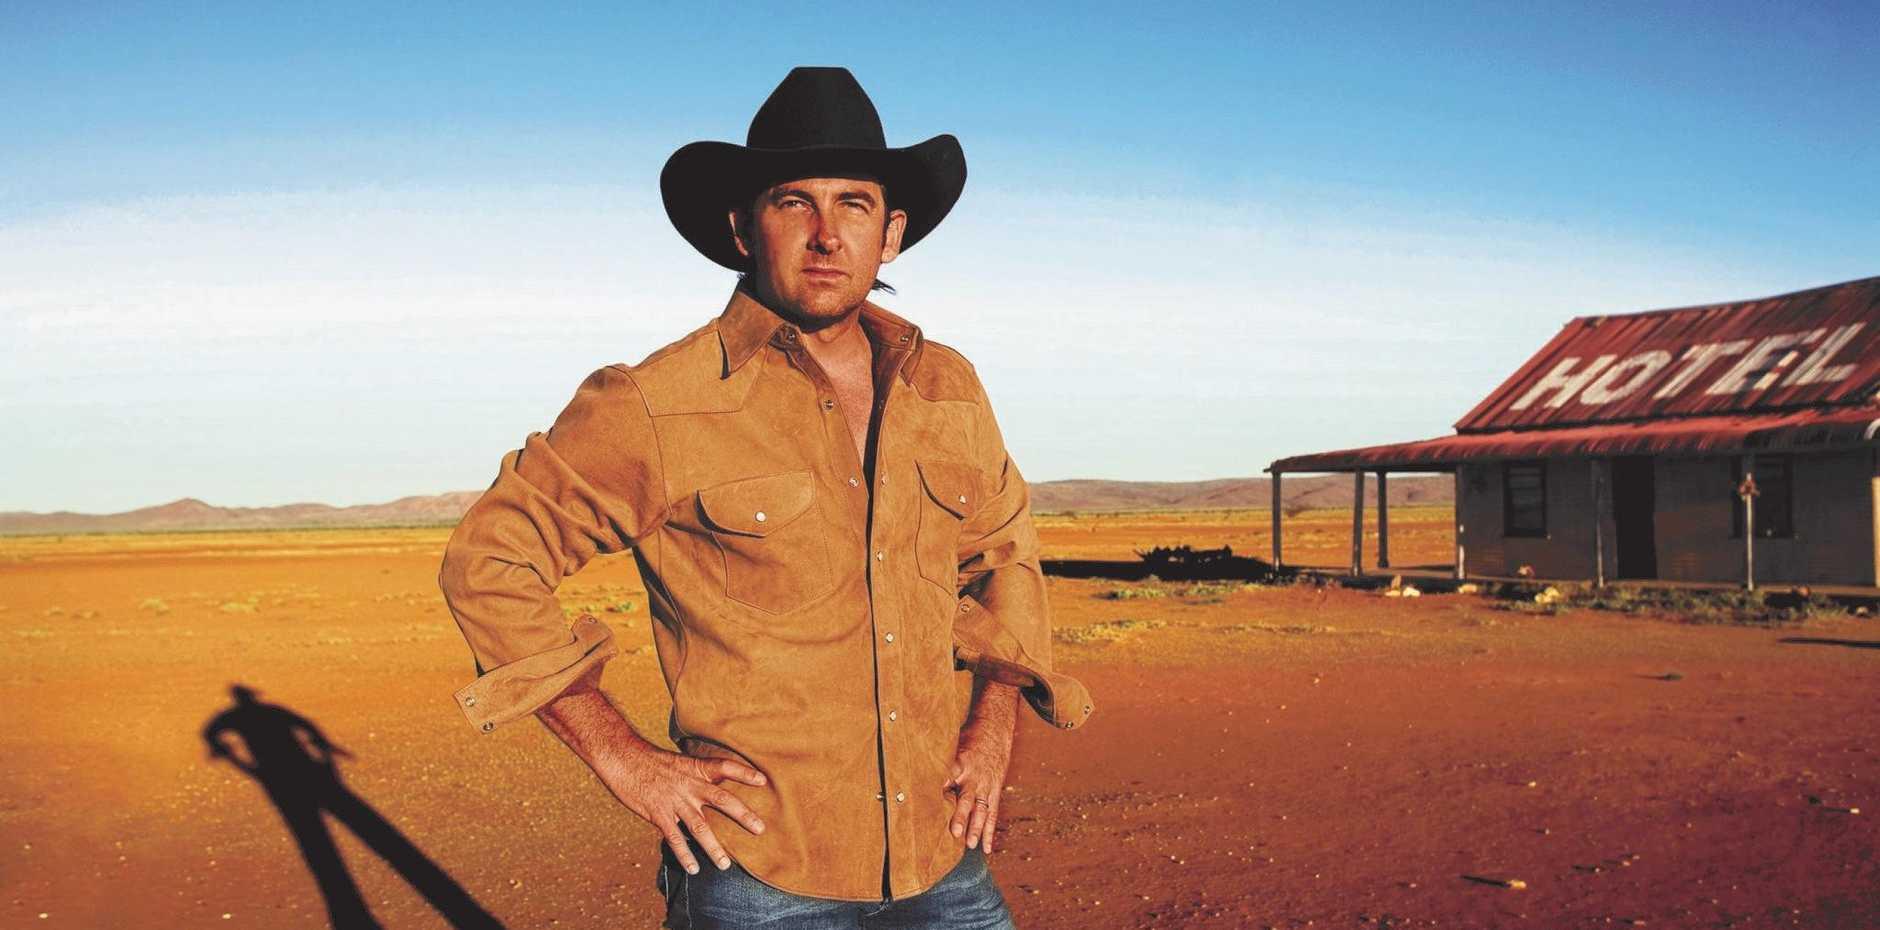 Country music singer Lee Kernaghan.